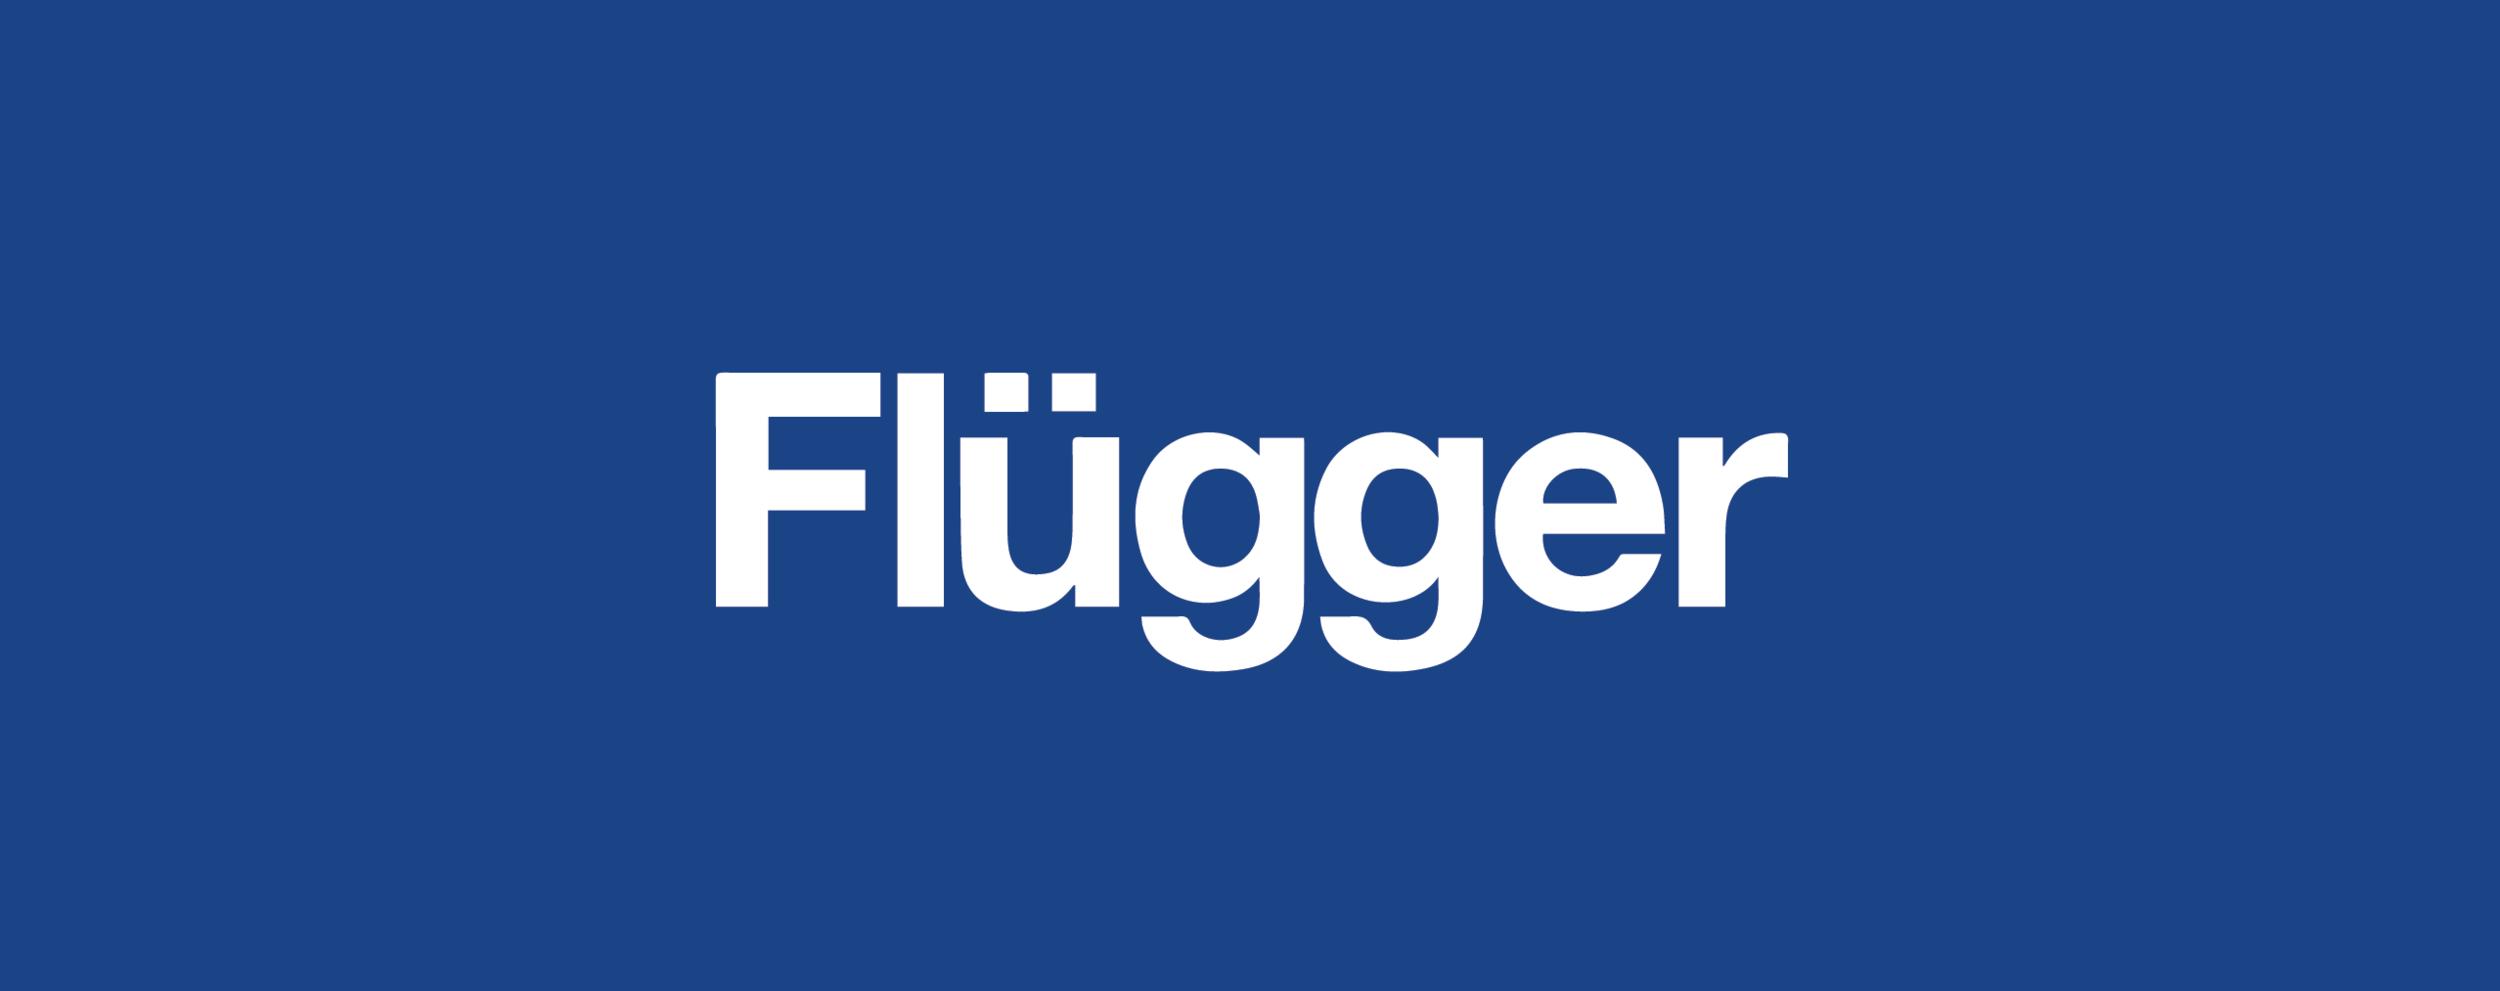 - Malingkoncernen Flügger er leverandør til Viebke & West, fordi deres maling og service er fremragende.